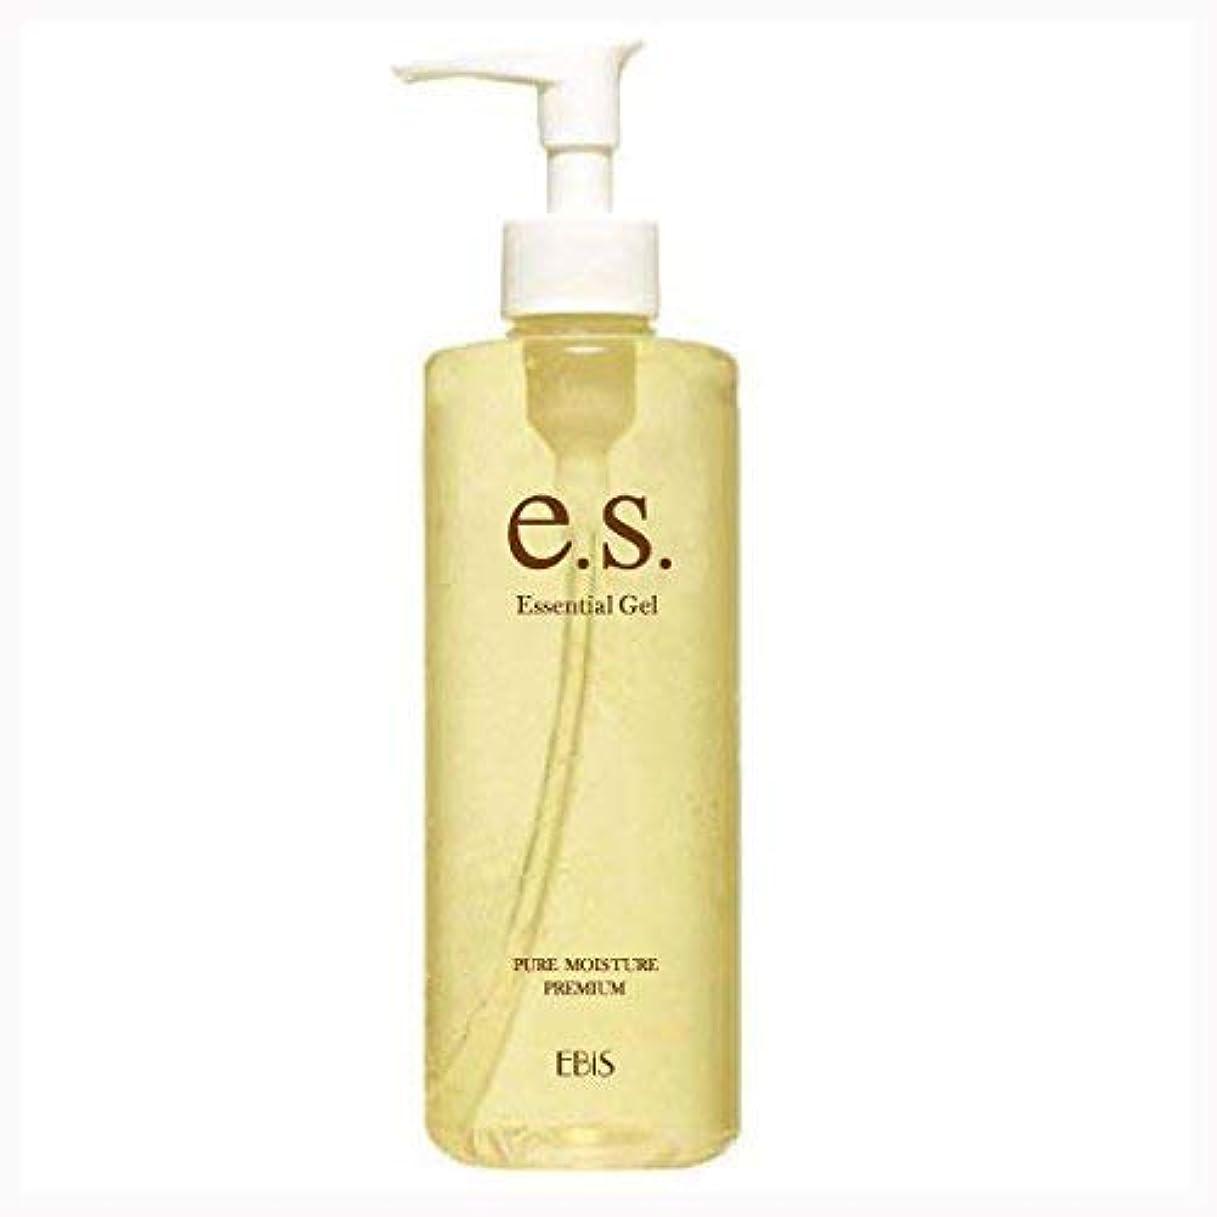 住人メモ見る人エビス化粧品(EBiS) イーエスエッセンシャルジェル (310g) 美顔器ジェル 無添加処方 アルコールフリー 日本製 男女兼用 保湿ジェル